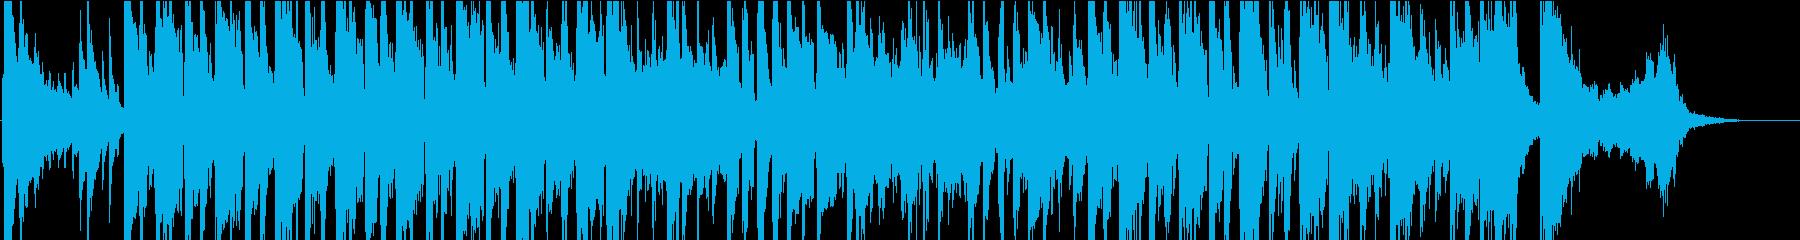 オールドアメリカン風の軽快なBGMの再生済みの波形